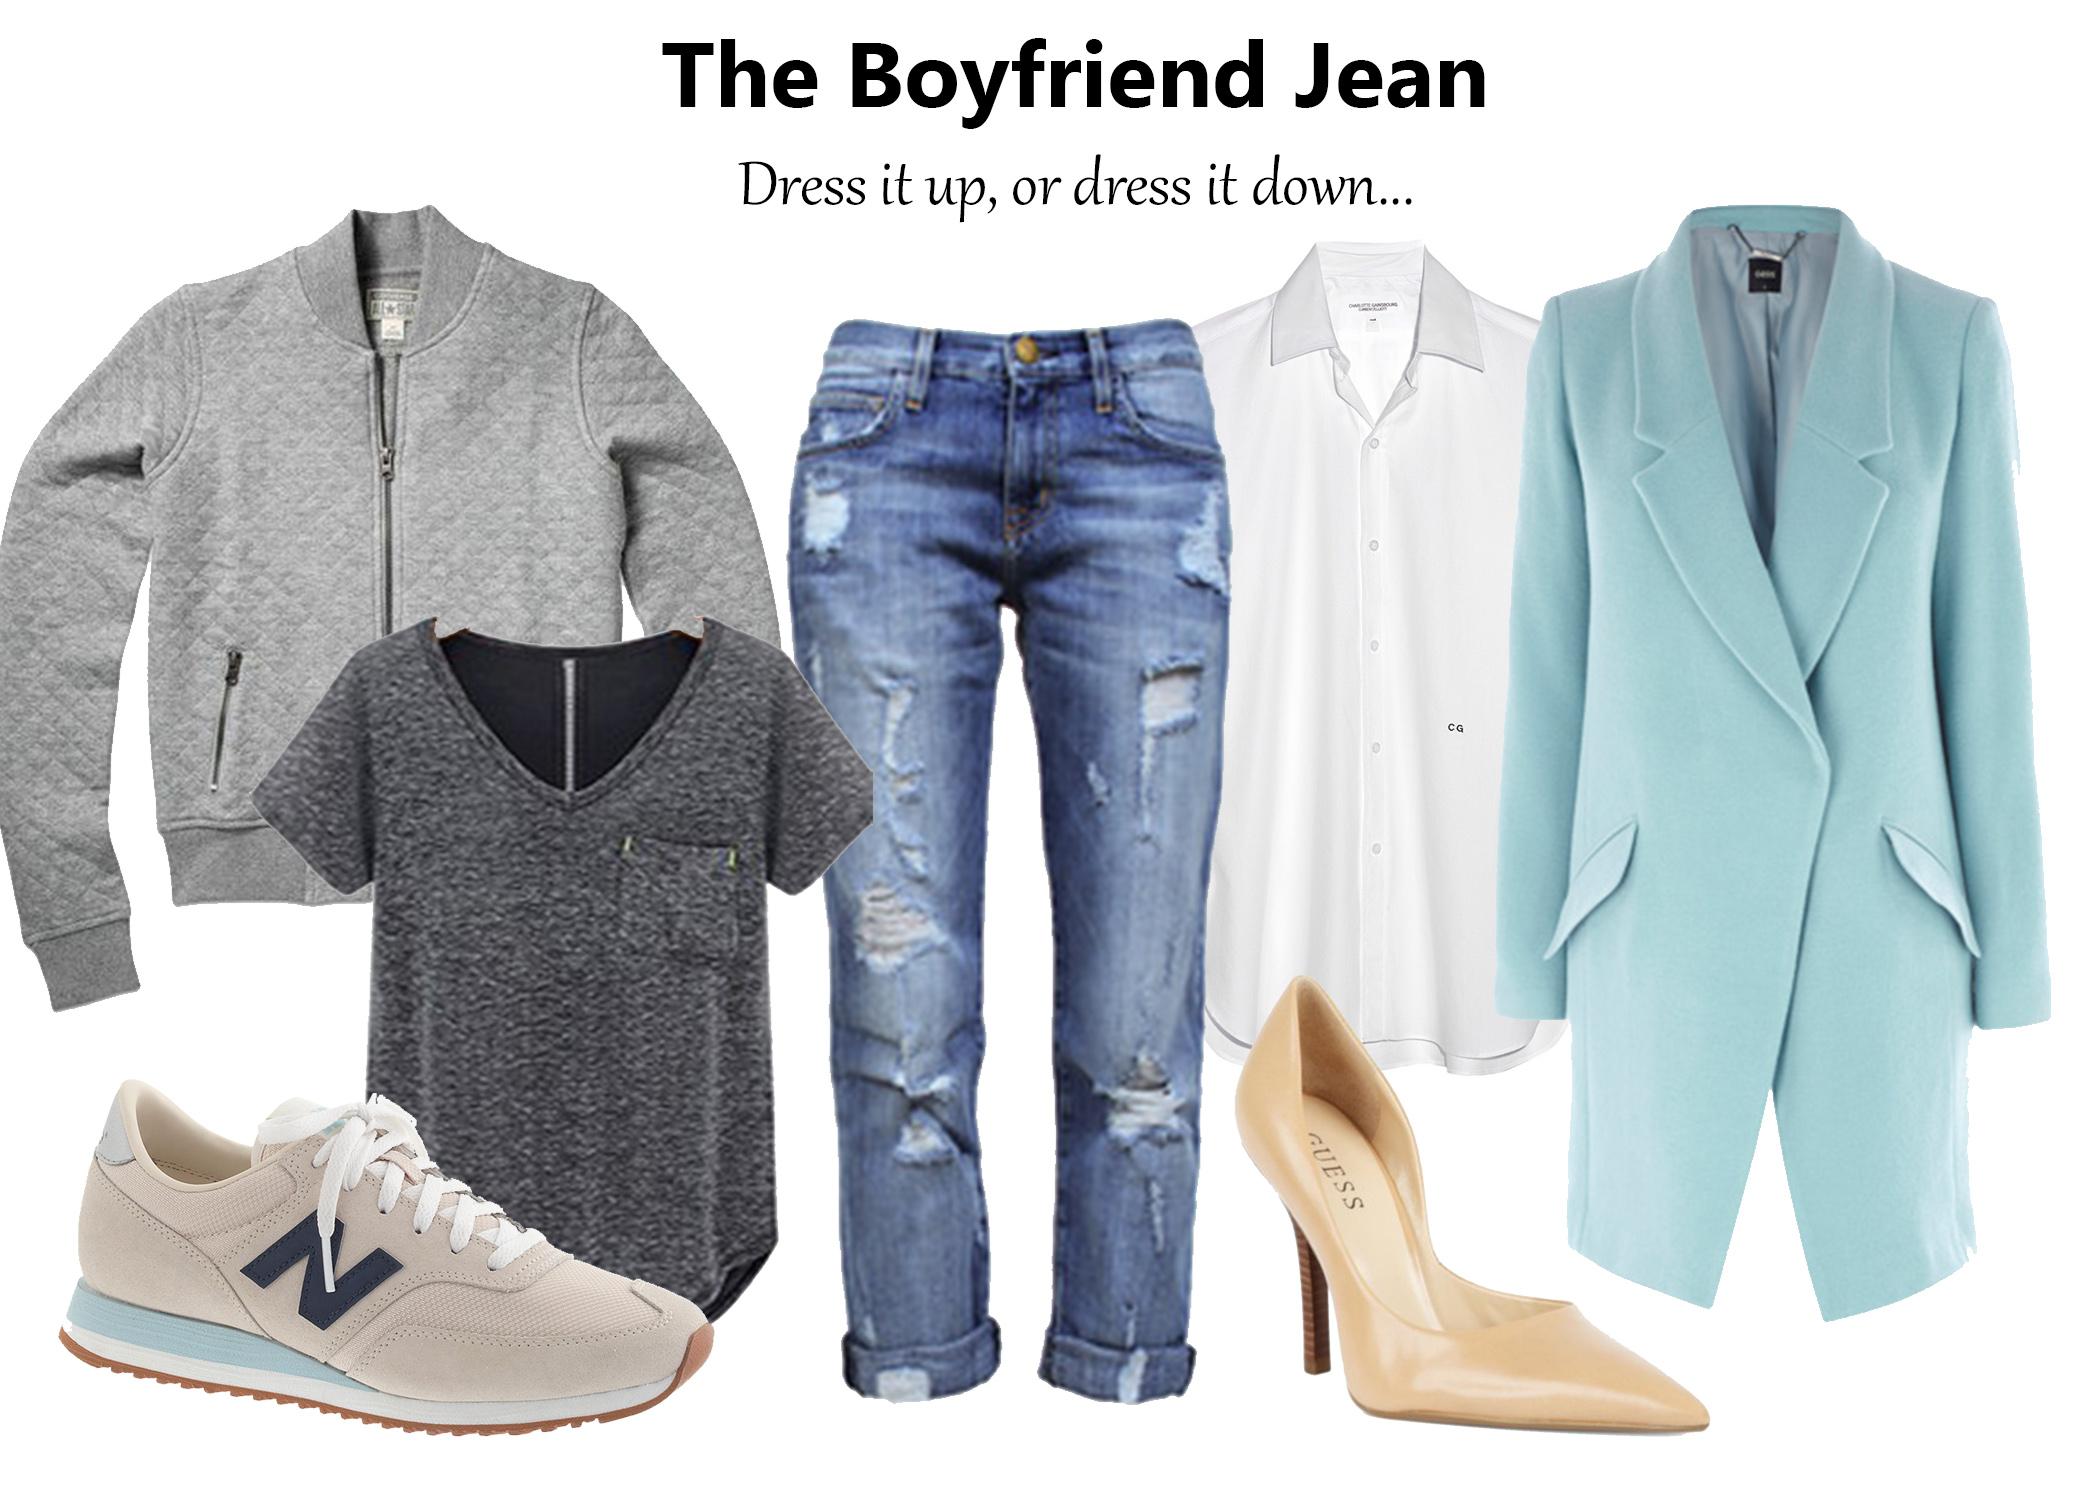 The Versatile Boyfriend Jean